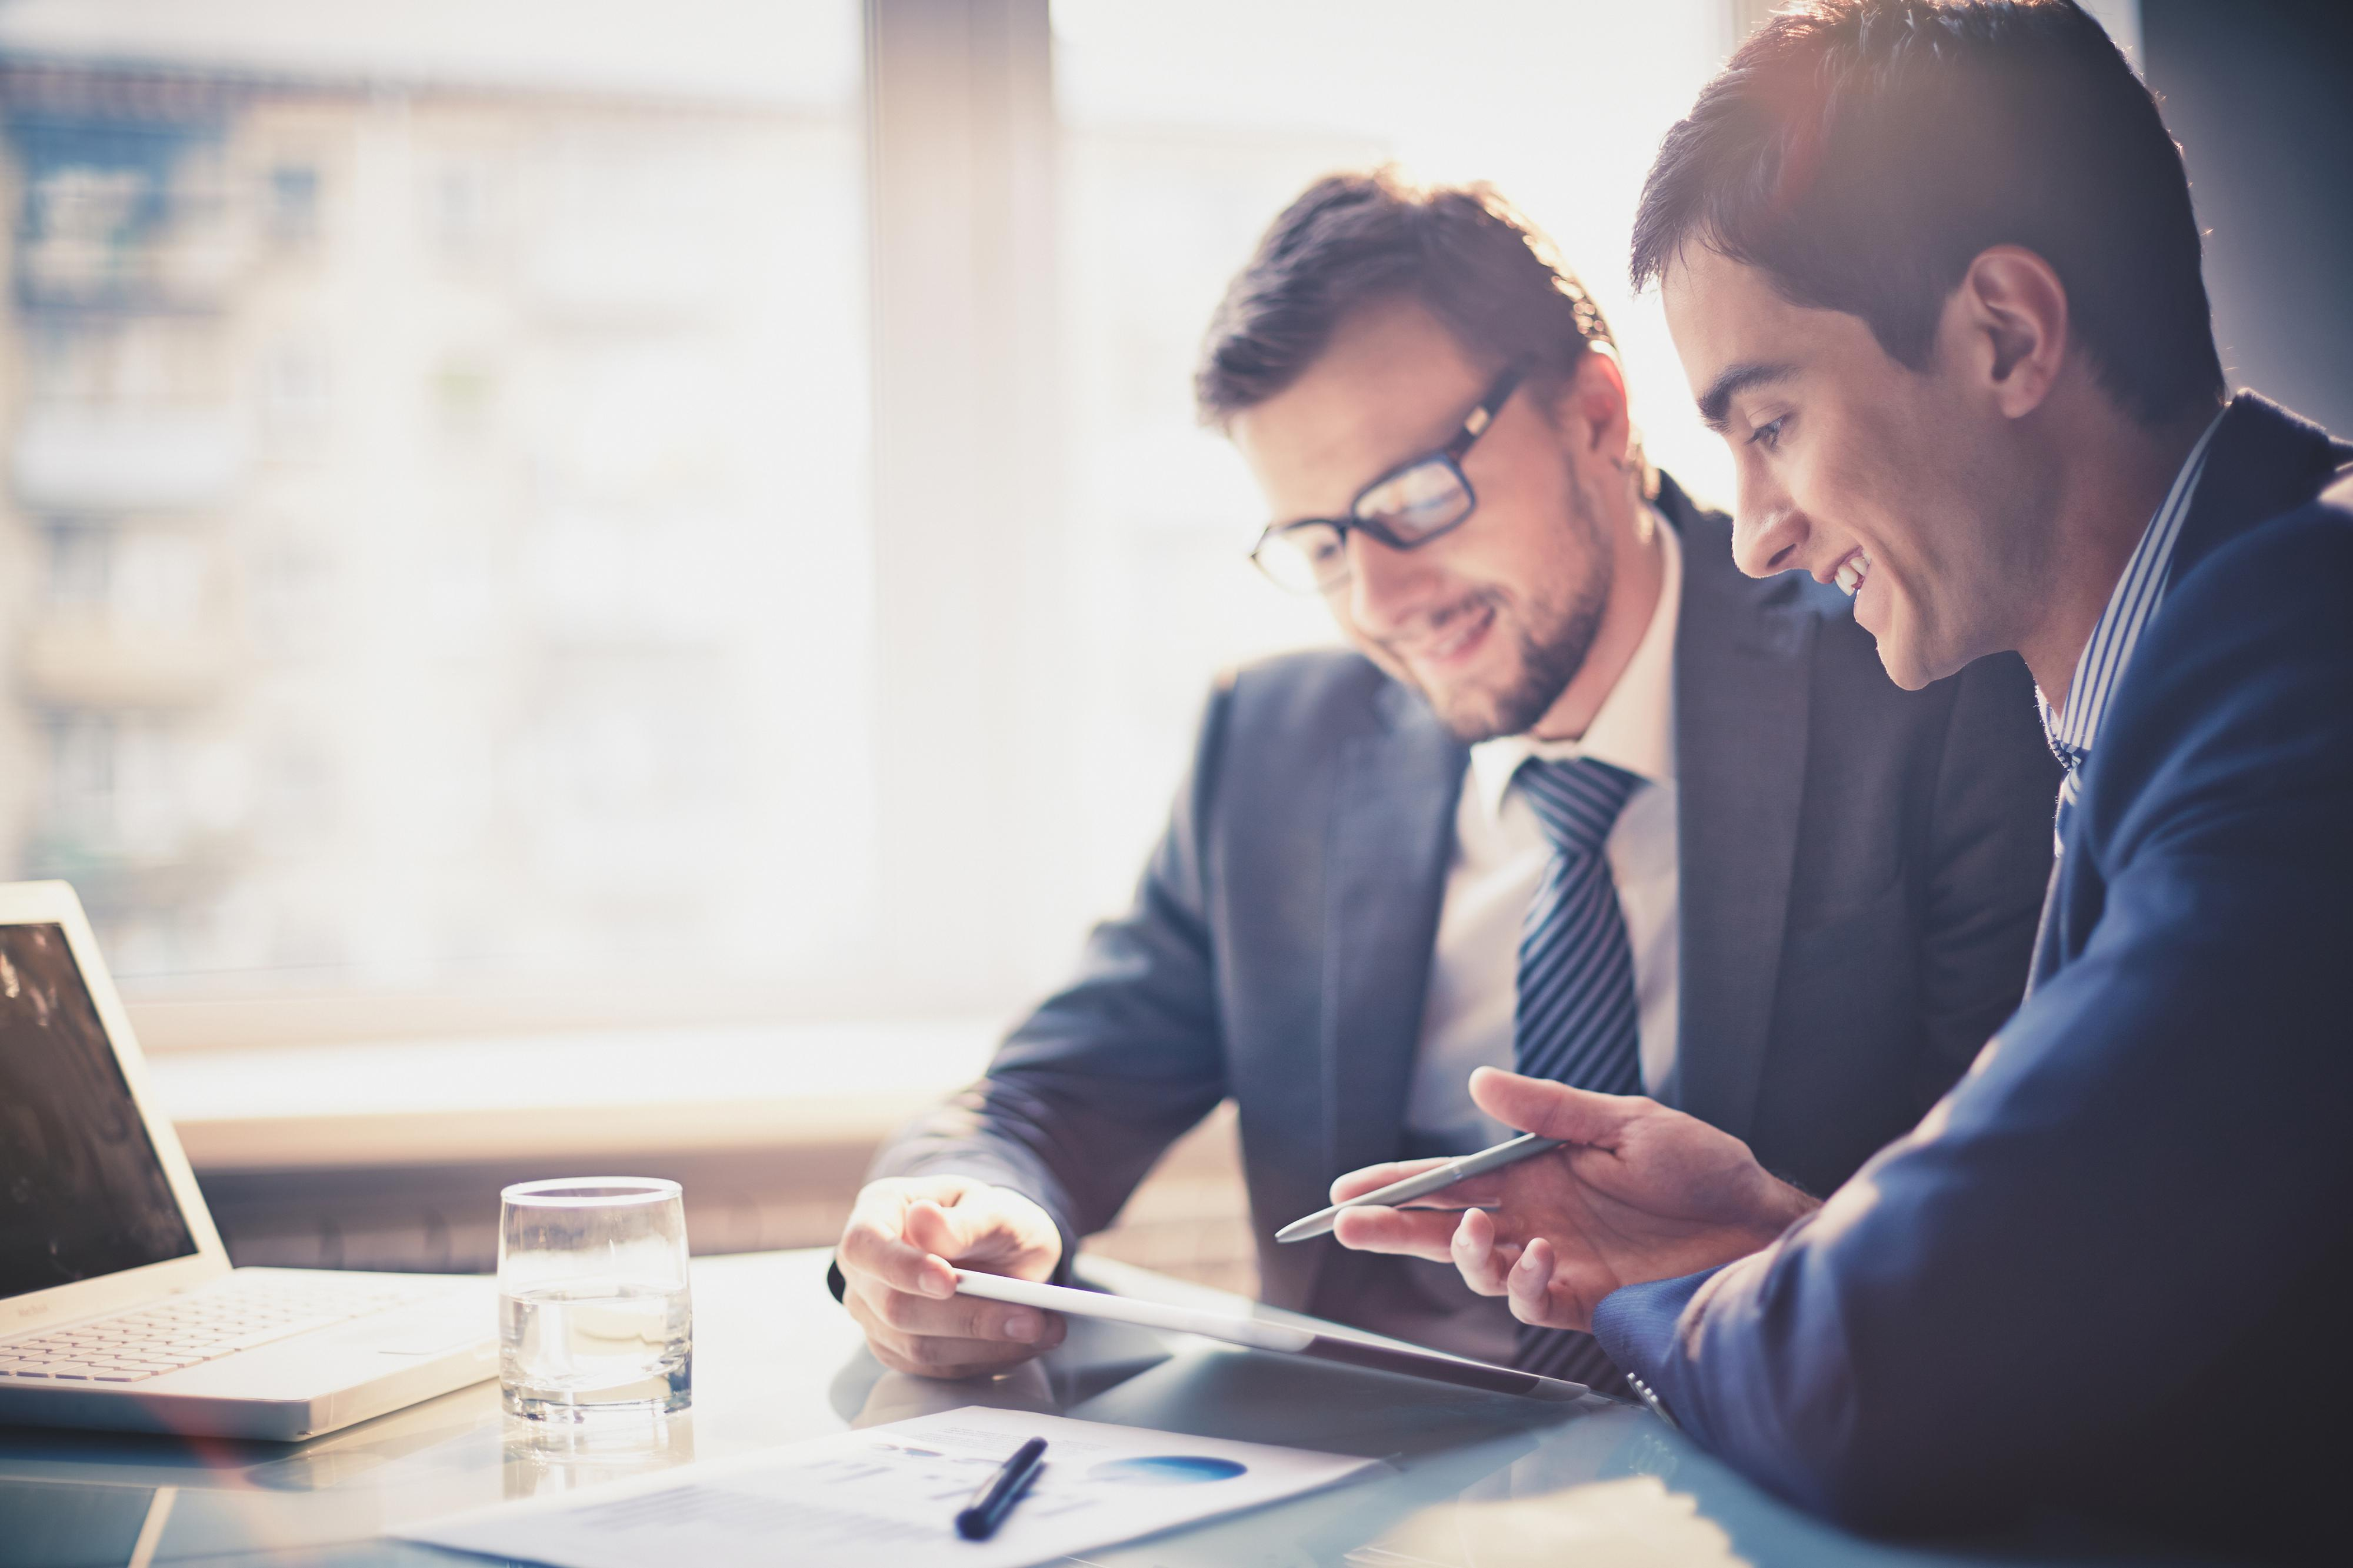 saiba-se-portar-adequadamente-diante-de-situacoes-do-trabalho-com-um-curso-de-etiqueta.jpg